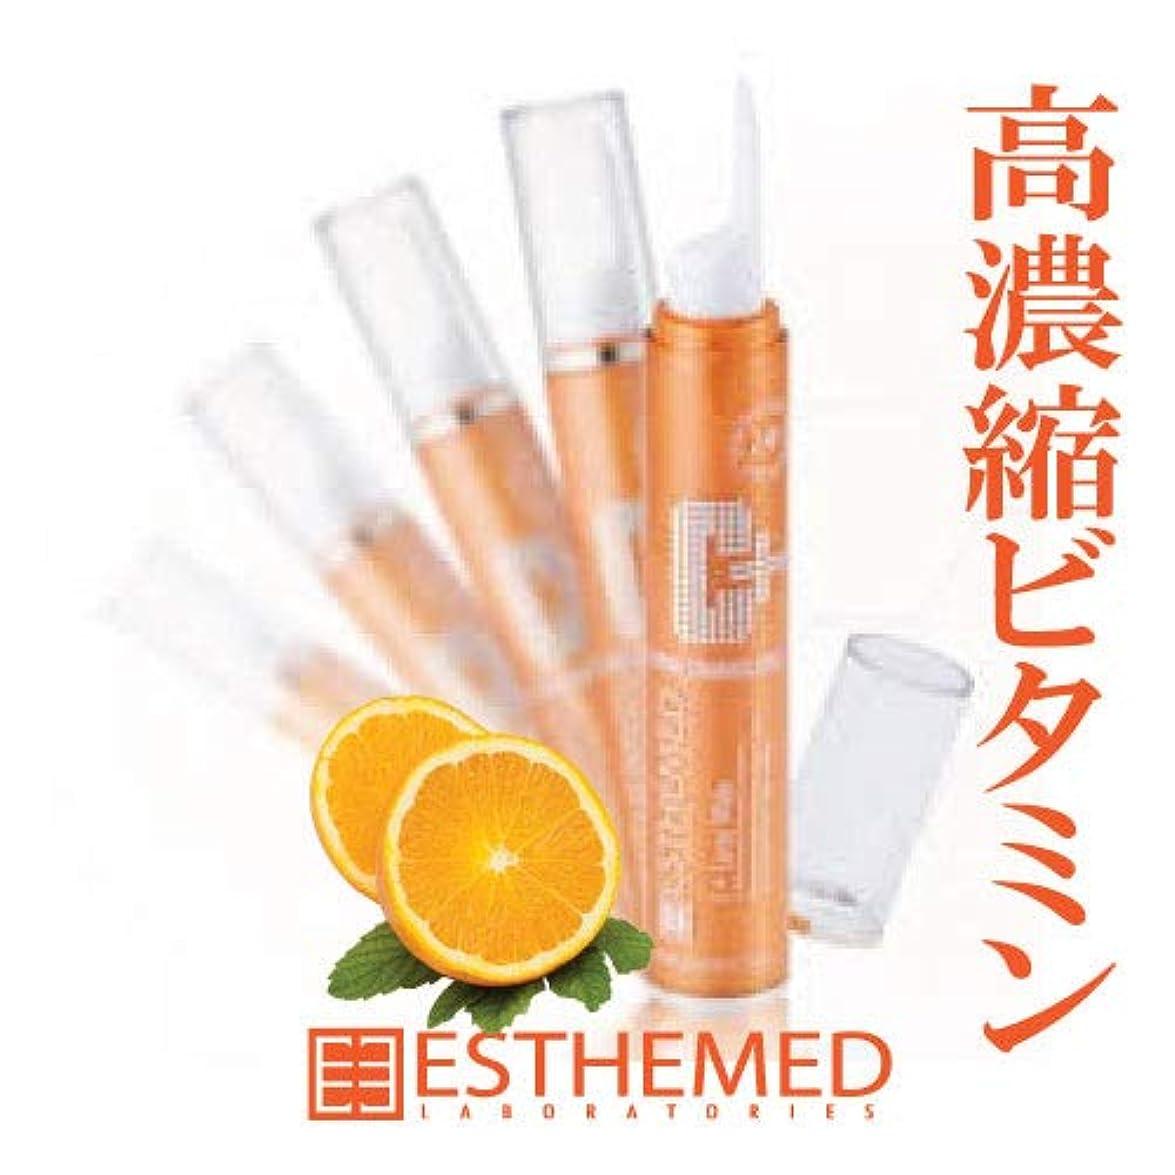 レビュー致命的端[ESTHEMED][エステメド]純粋なビタミンCの驚くホワイトニングC+レーザーホワイト15ml/ビタミン、Whitening、レーザ